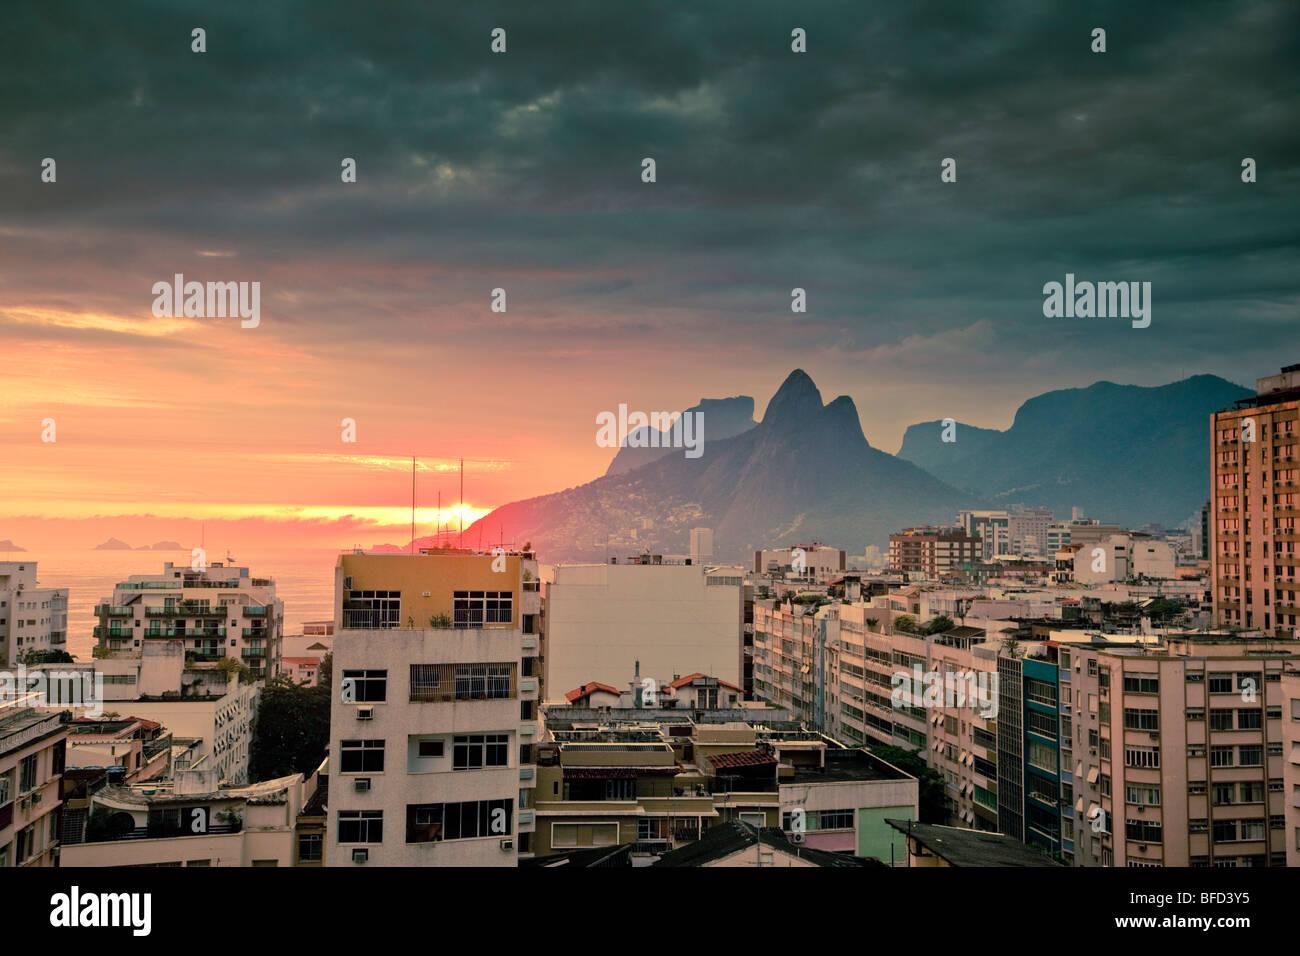 Ver más tops de edificios residenciales y las montañas al atardecer en Ipanema Rio de Janeiro, Brasil Foto de stock